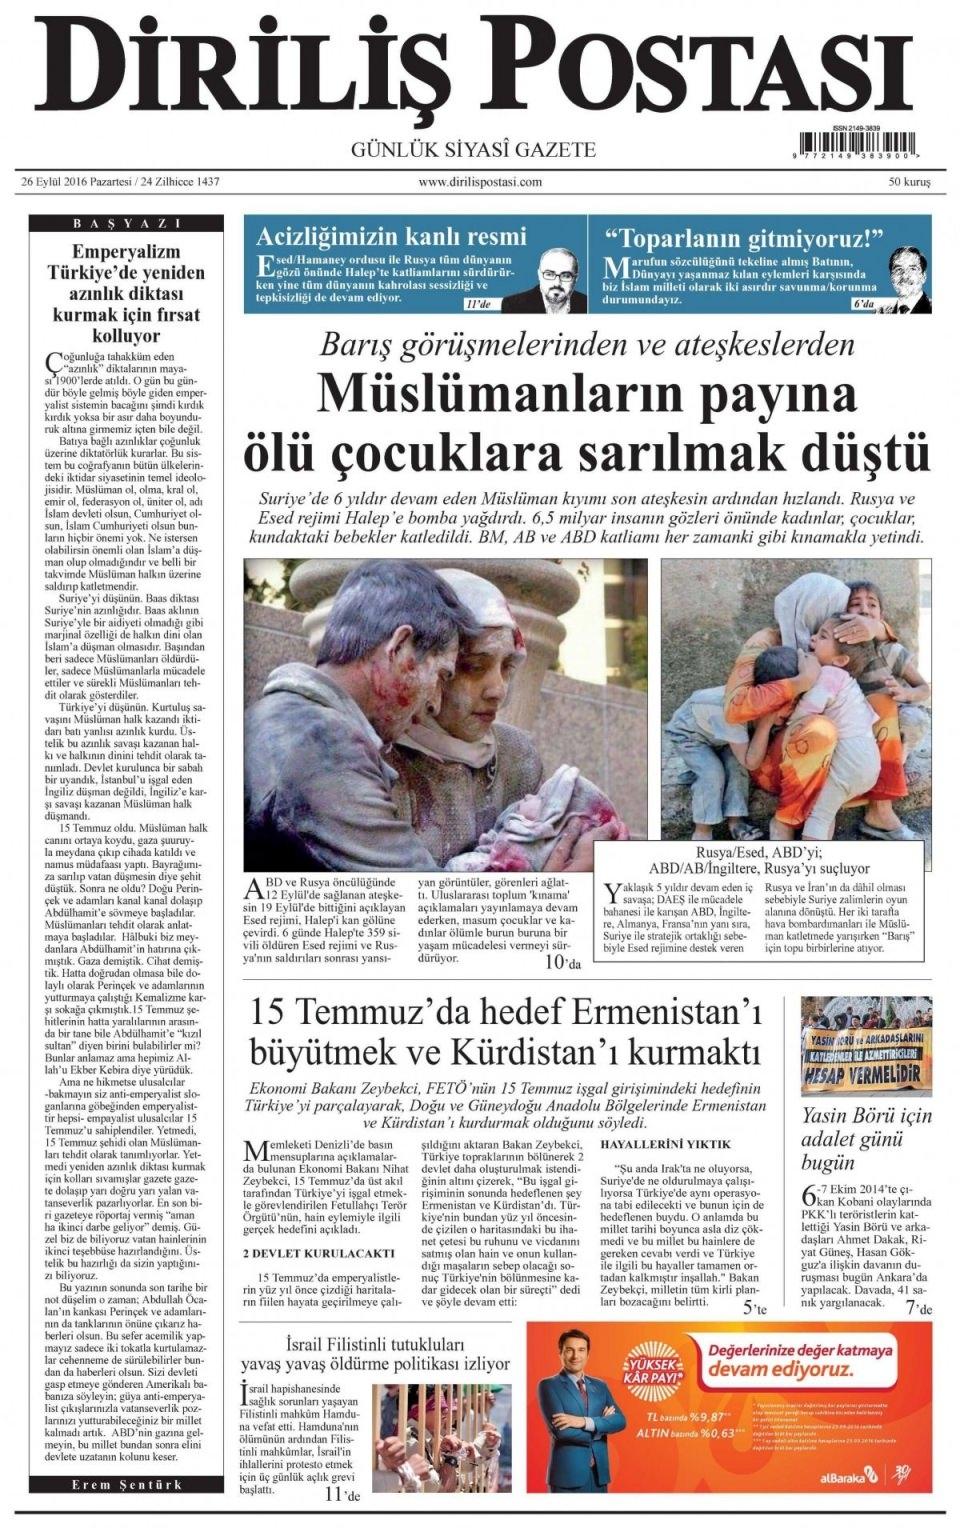 26 Eylül Pazartesi gazete manşetleri 20